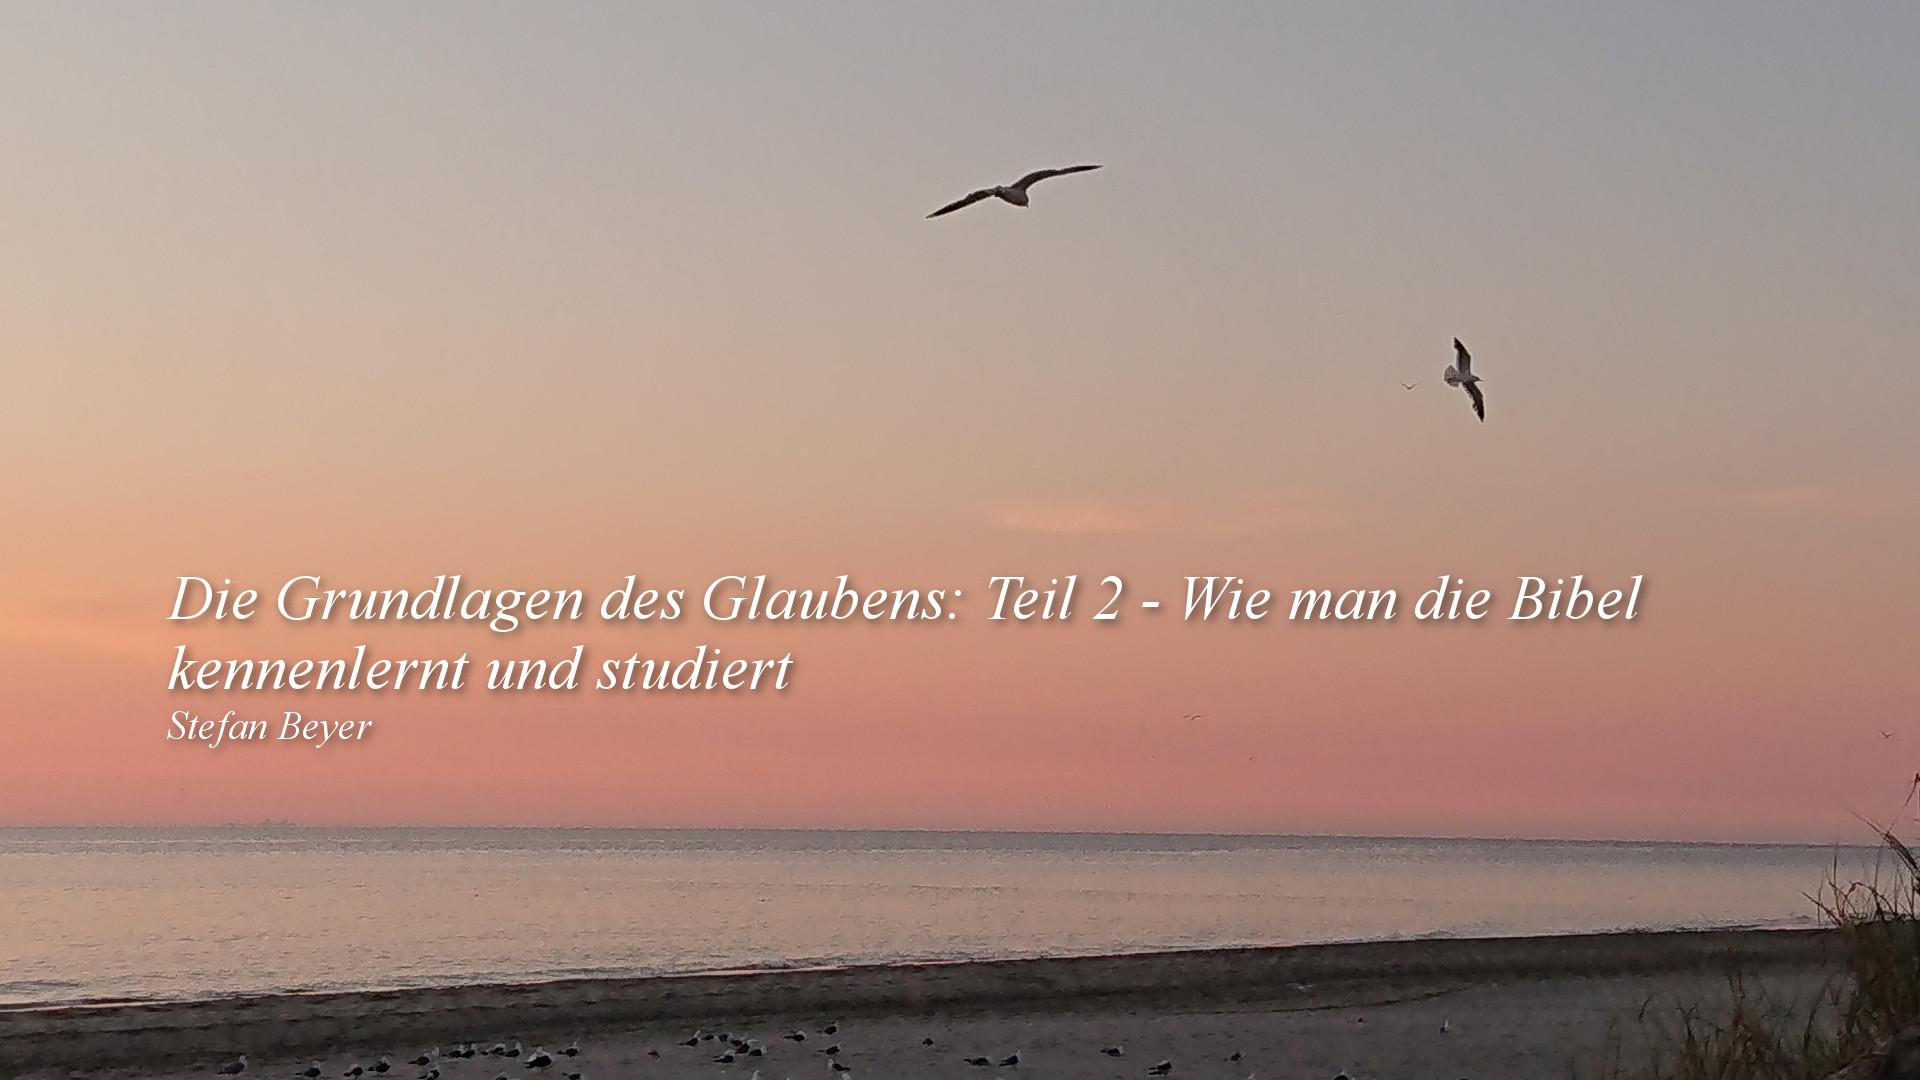 Die Grundlagen des Glaubens: Teil 2 – Wie man die Bibel kennenlernt und studiert